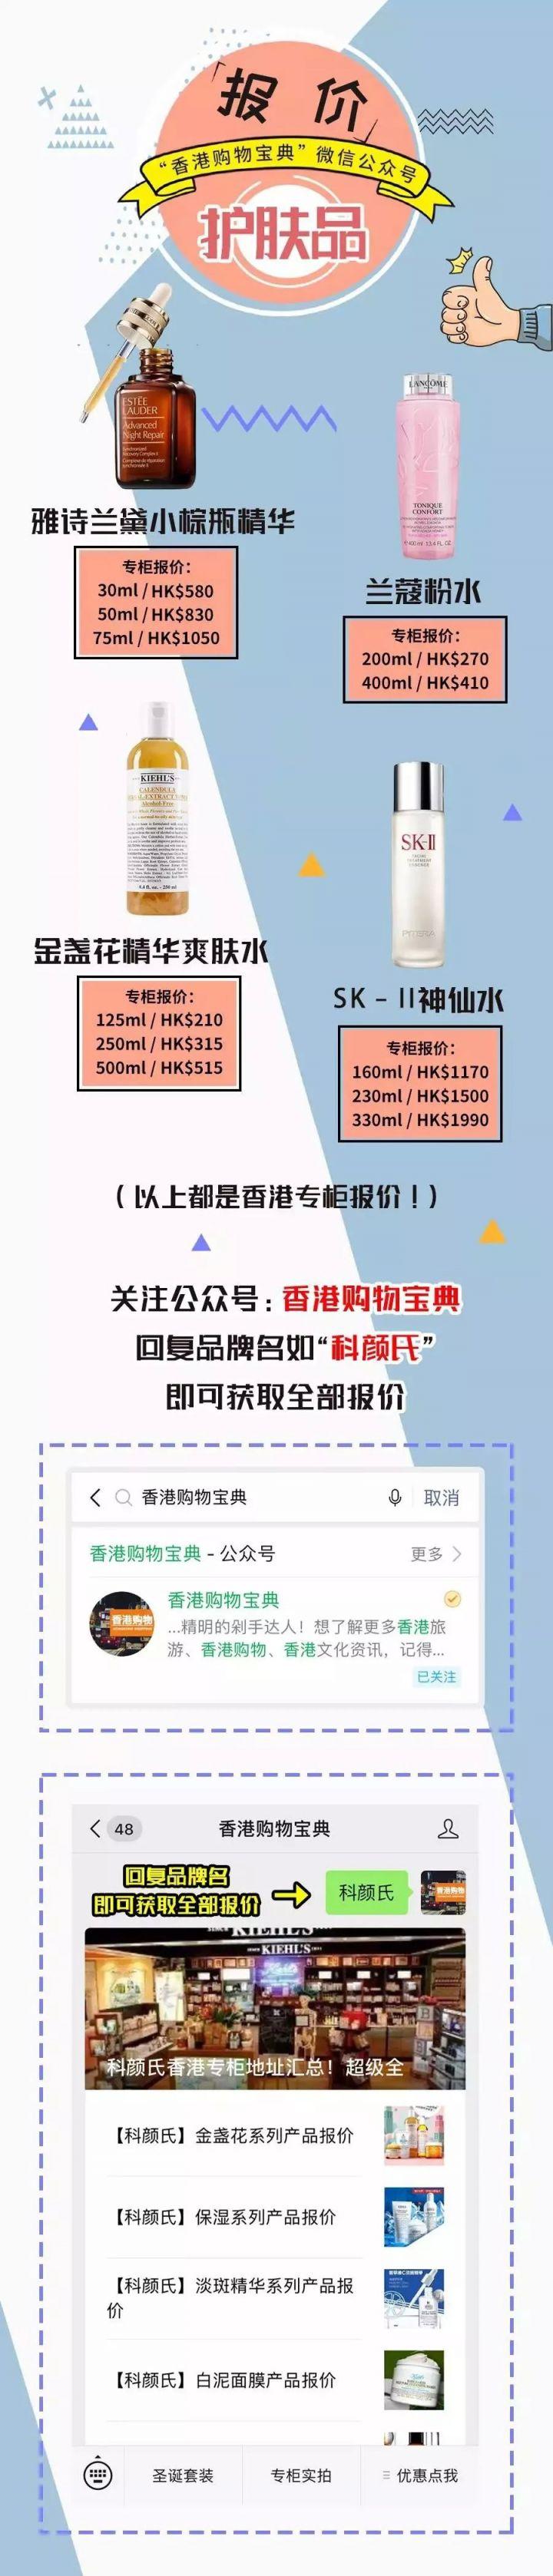 科颜氏新年皇牌限定套装!牛油果眼霜、面膜套装HK$555